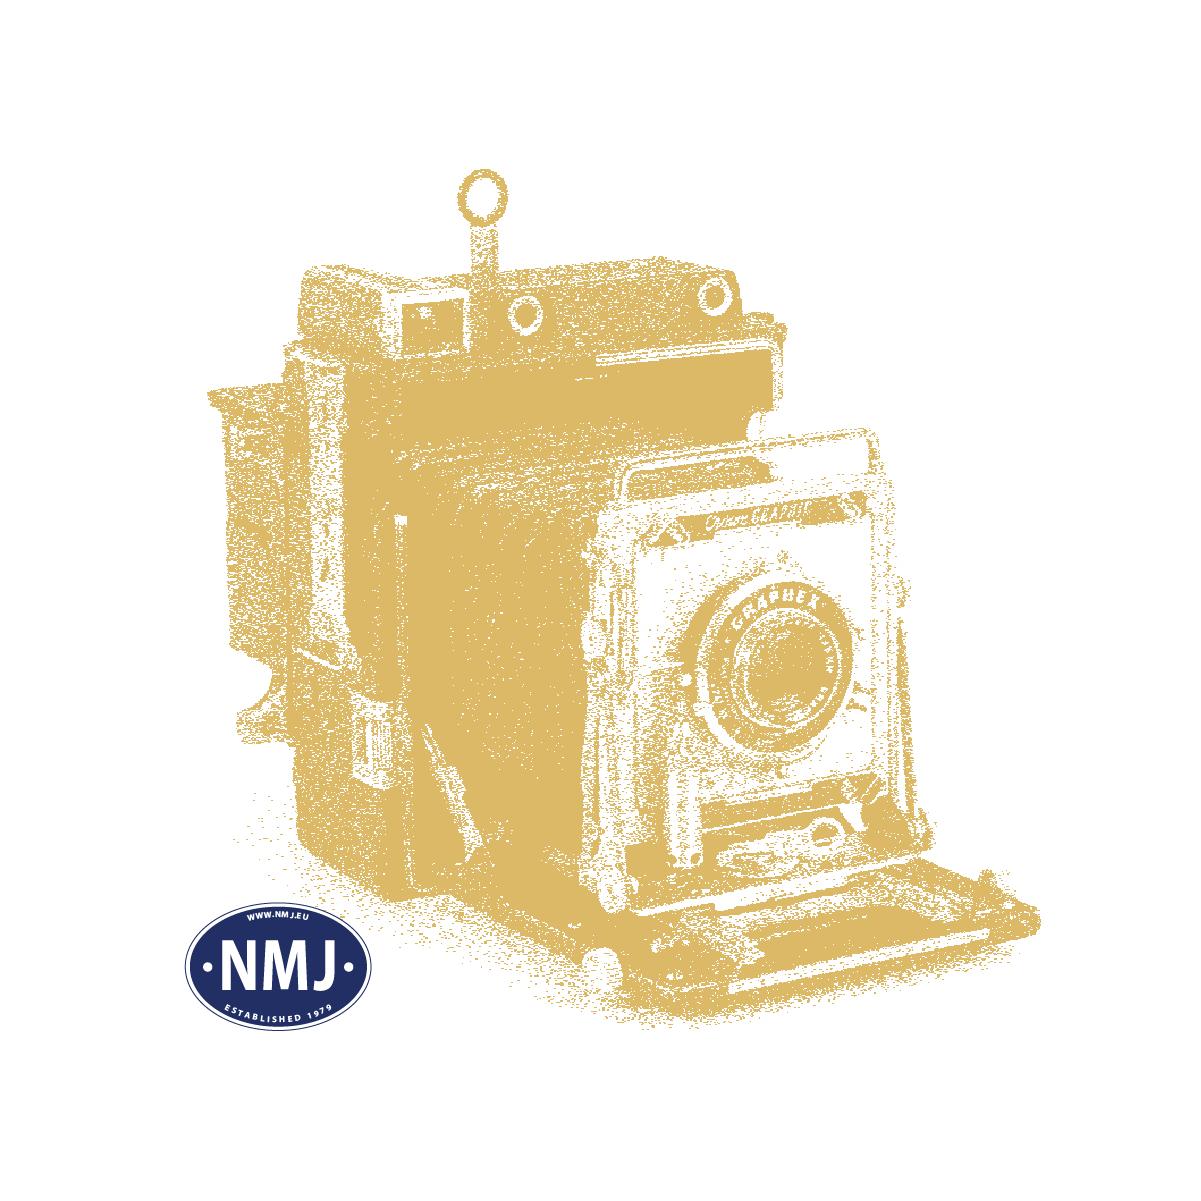 NMJT204.501 - NMJ Topline SJ B1KT 5114 2 kl. Personvogn, Inter-Regio farger